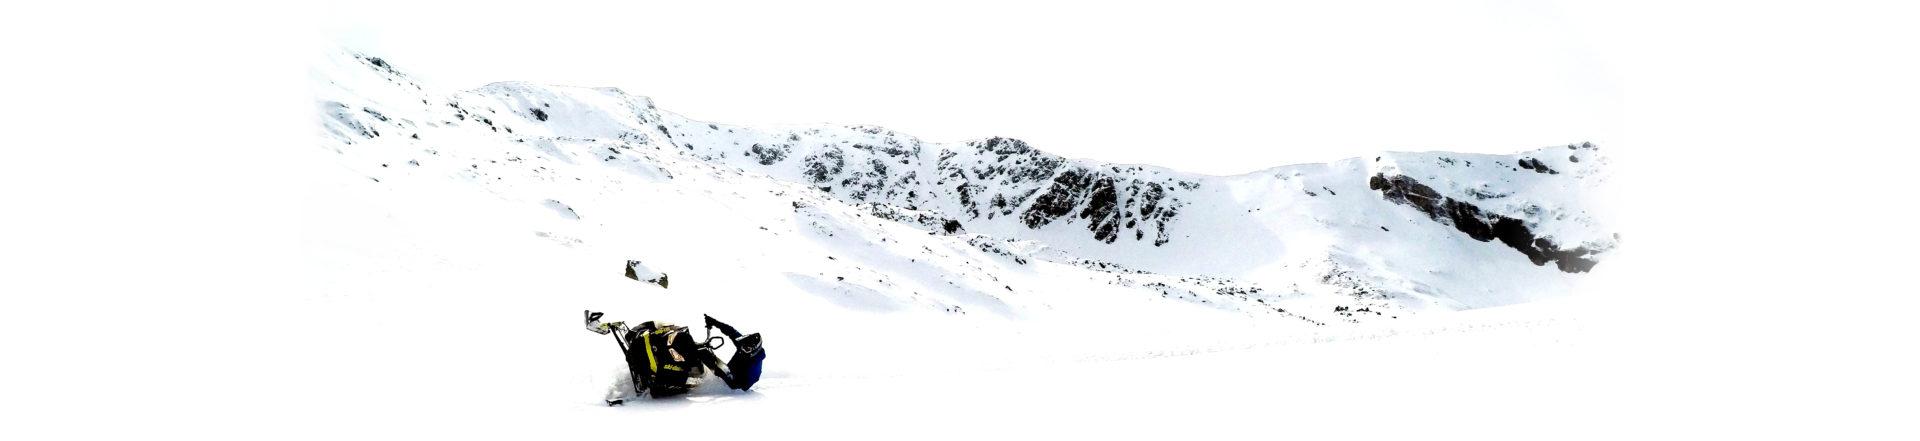 SNOWMOBIL.COM.PL – ski-doo, sea-doo – sprzedaż, wynajem, serwis,